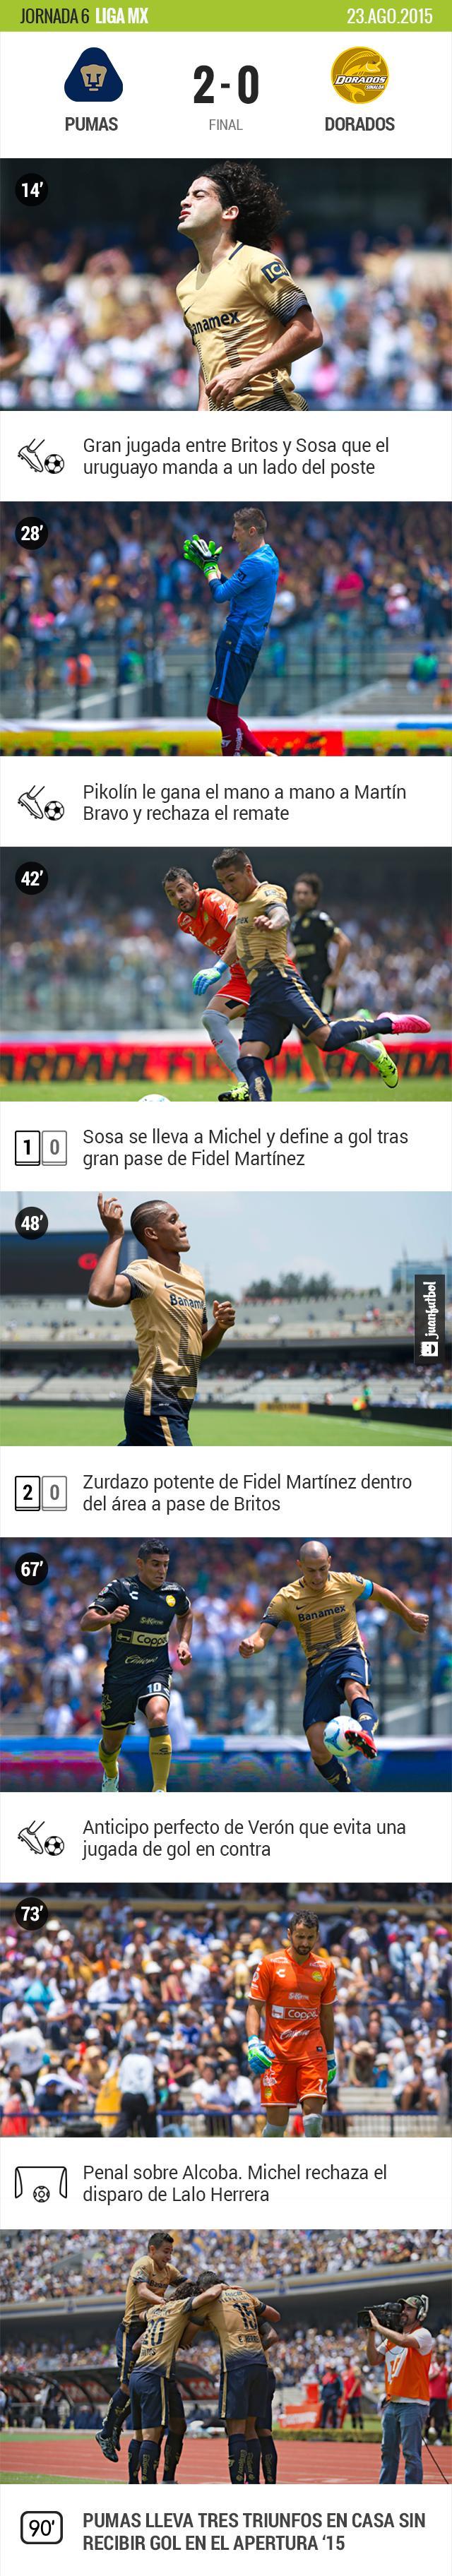 Pumas 2-0 Dorados